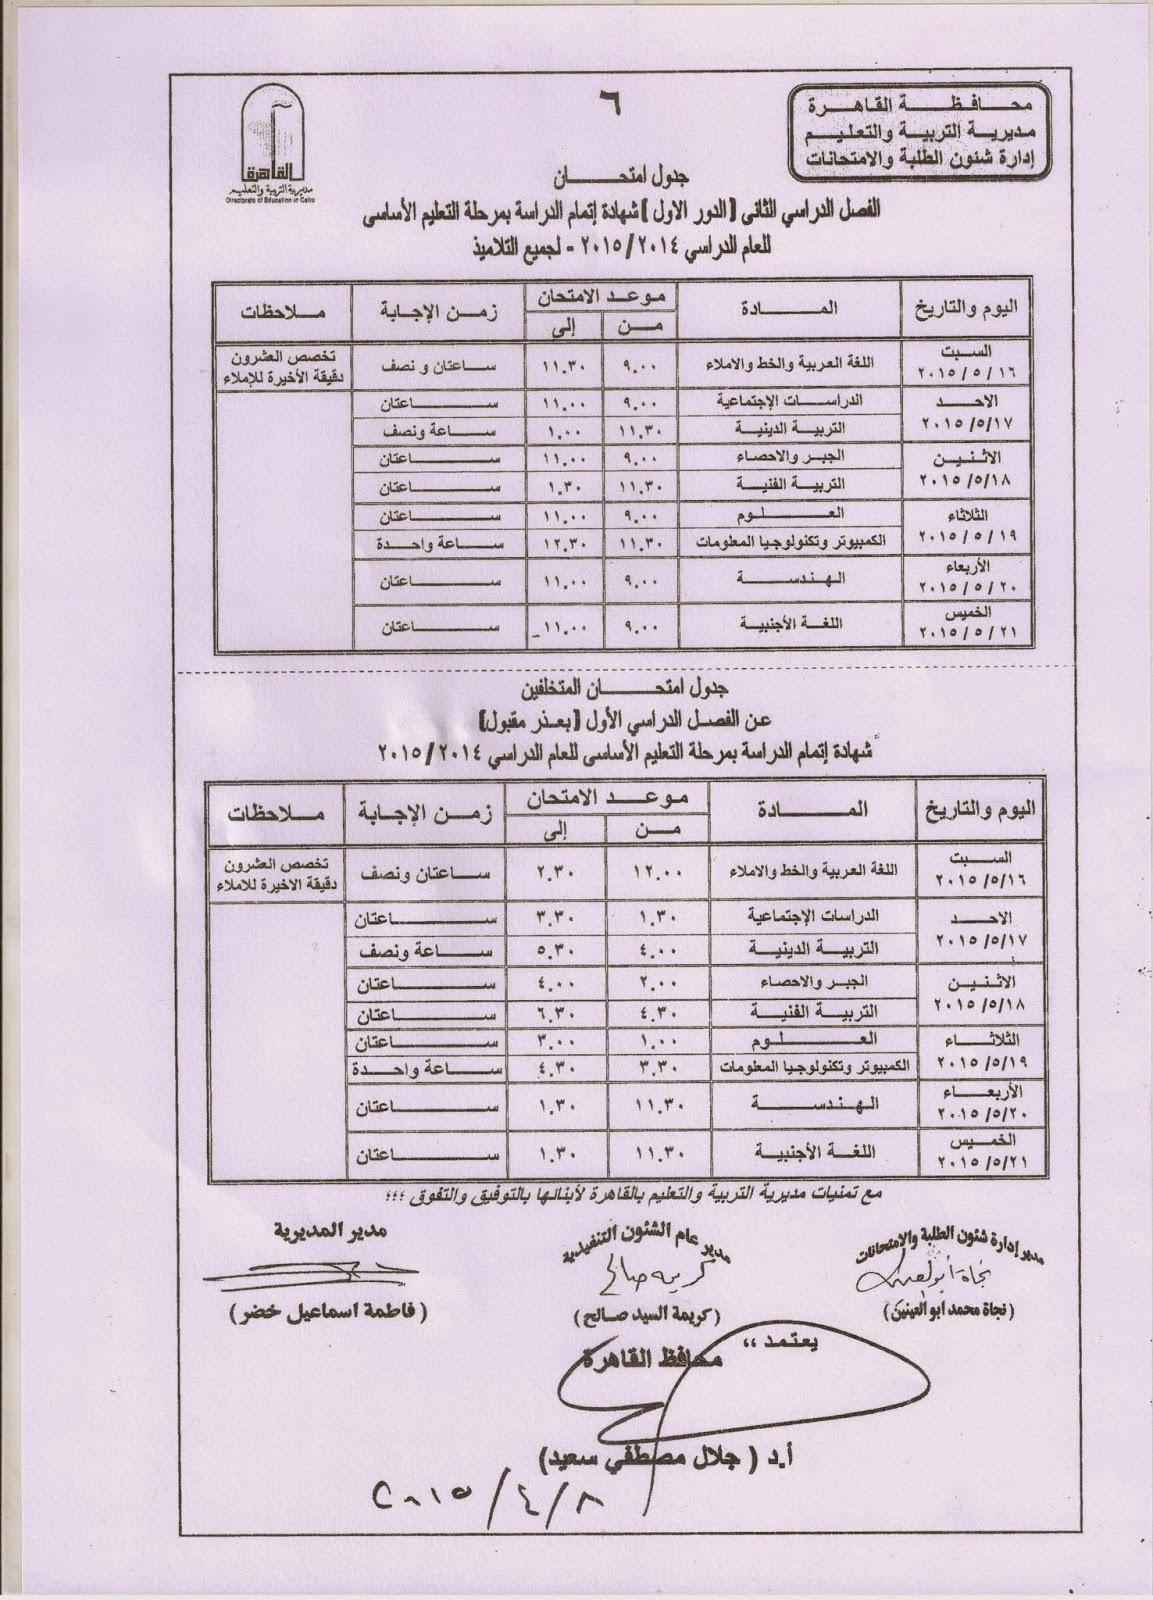 جداول امتحانات القاهرة الصف الثالث الإعدادى 2015 أخر العام ثالث+ع.jpg